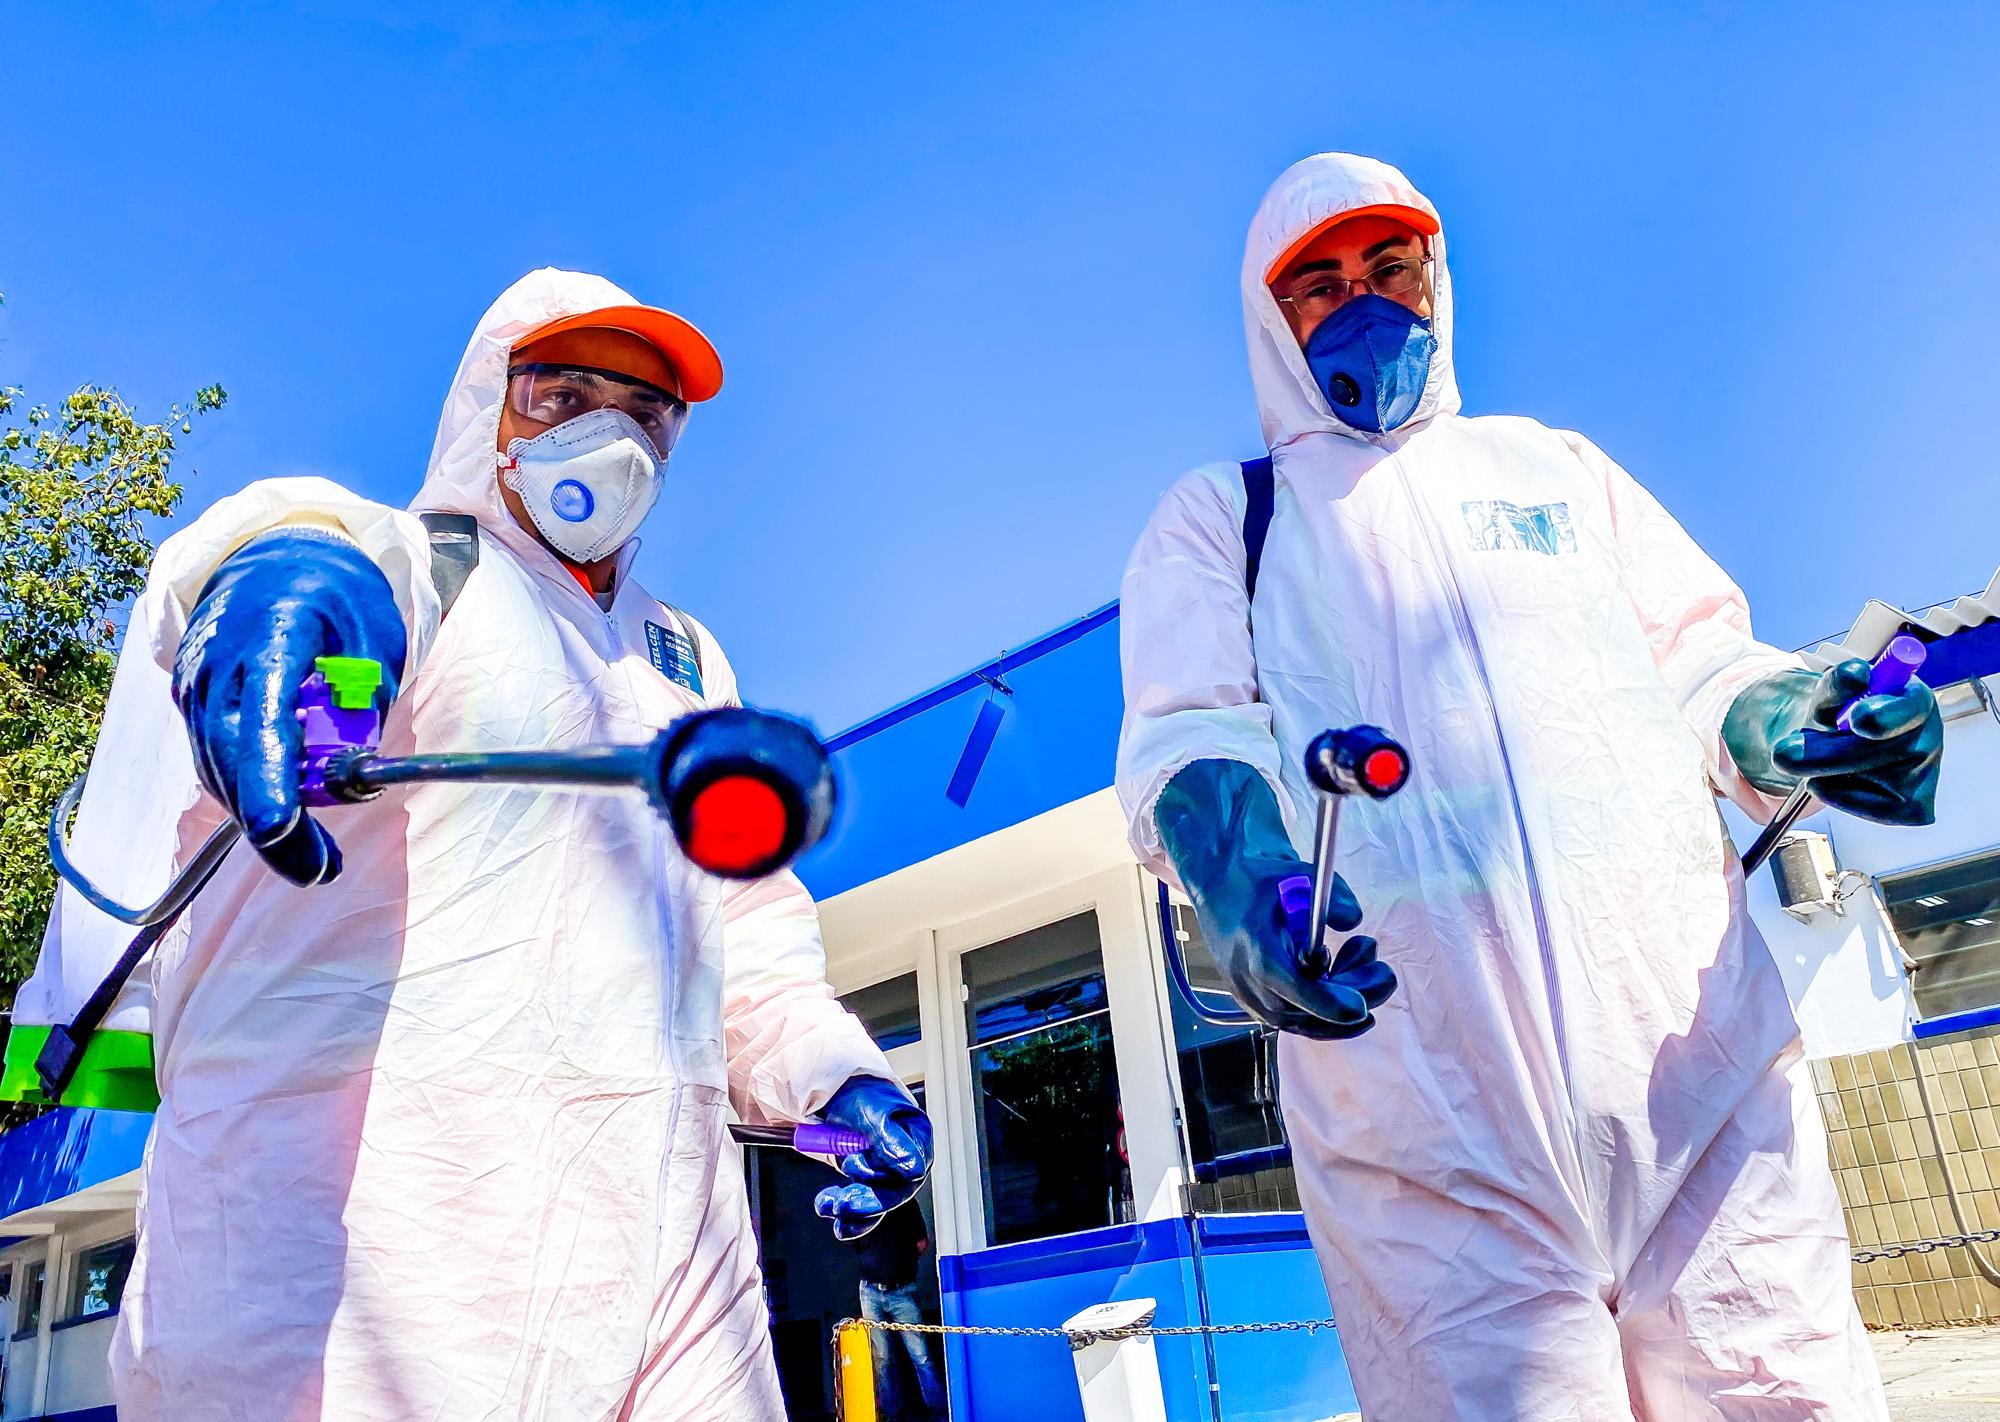 Pulverização de substâncias desinfetantes tem sido aliada no combate à disseminação do novo coronavírus (Crédito: Divulgação Prefeitura)